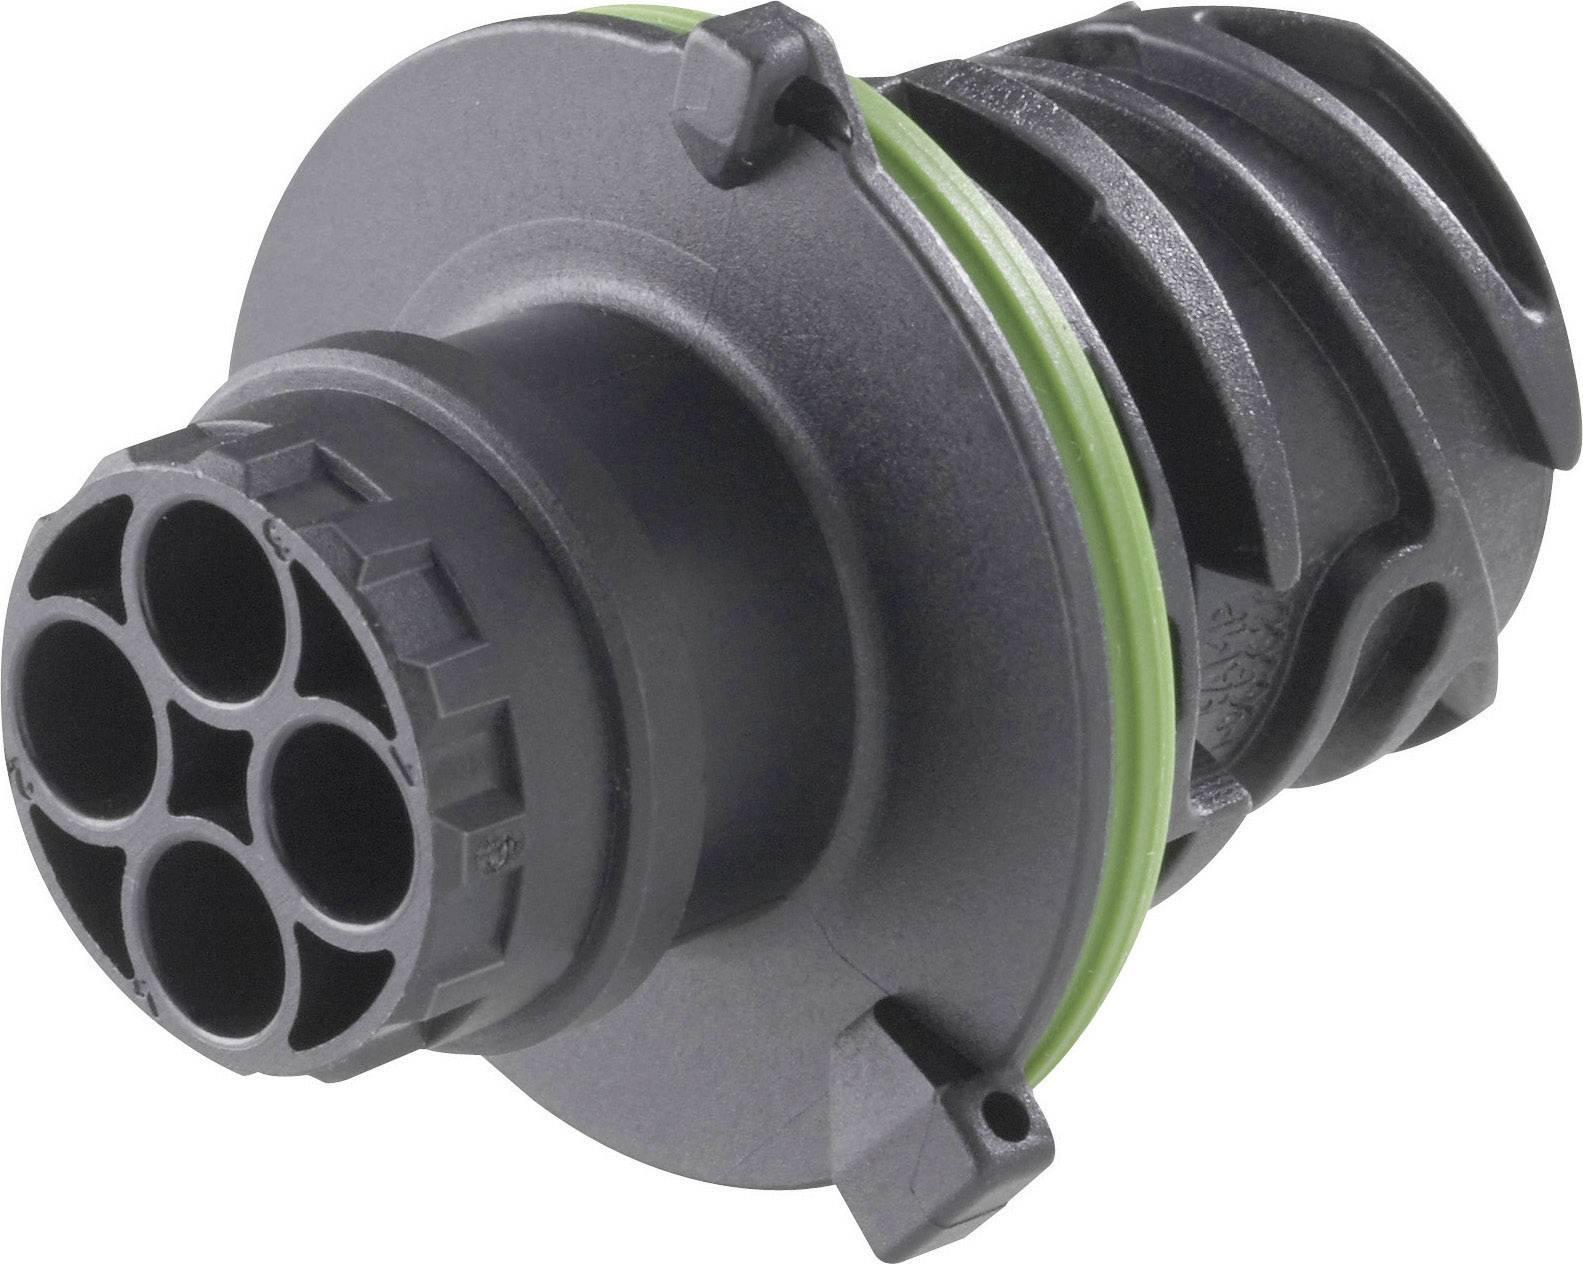 Kulatá propojka TE Connectivity AMP DIN 72585 (1-967402-3), zástrčka rovná, IP69/IP69K